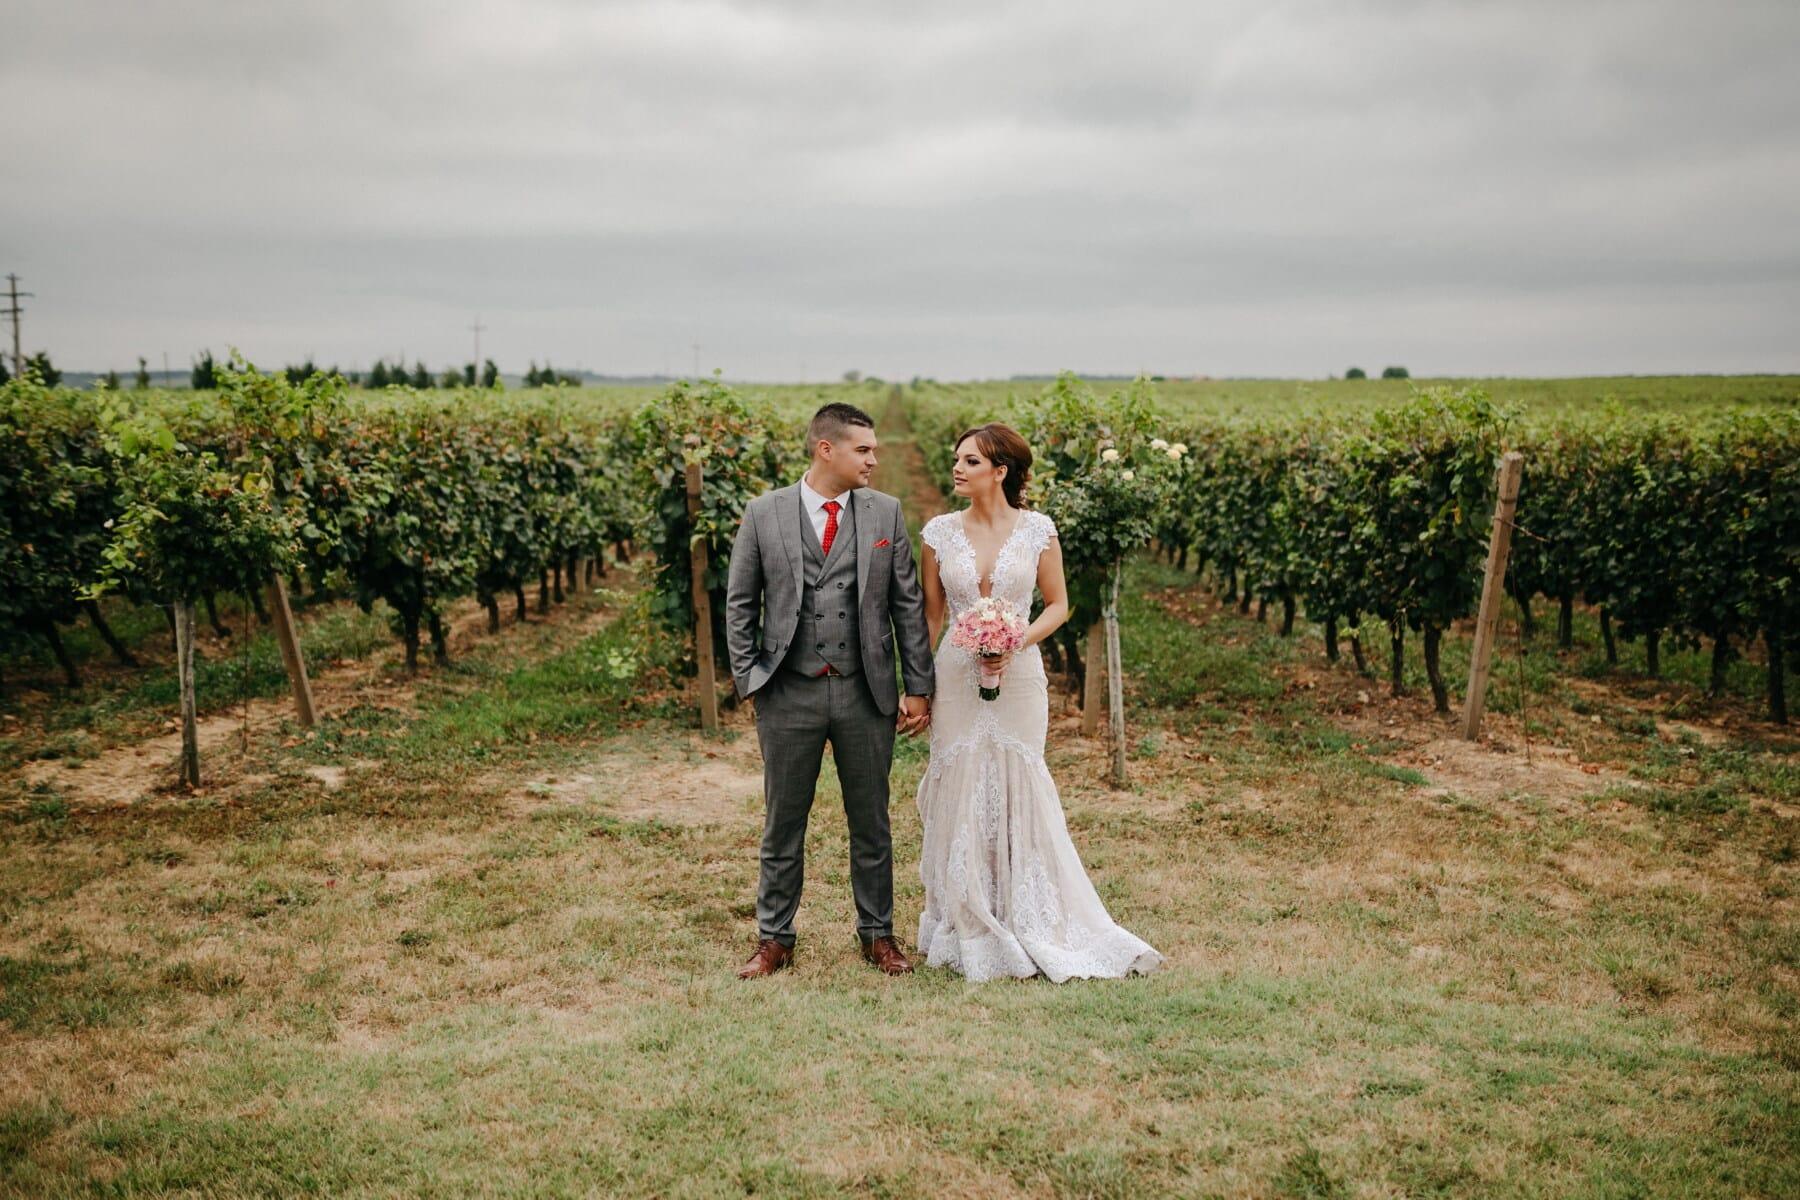 frisch verheiratet, Weinberg, Bräutigam, Hochzeit, Menschen, Braut, Landschaft, paar, Mädchen, Frau